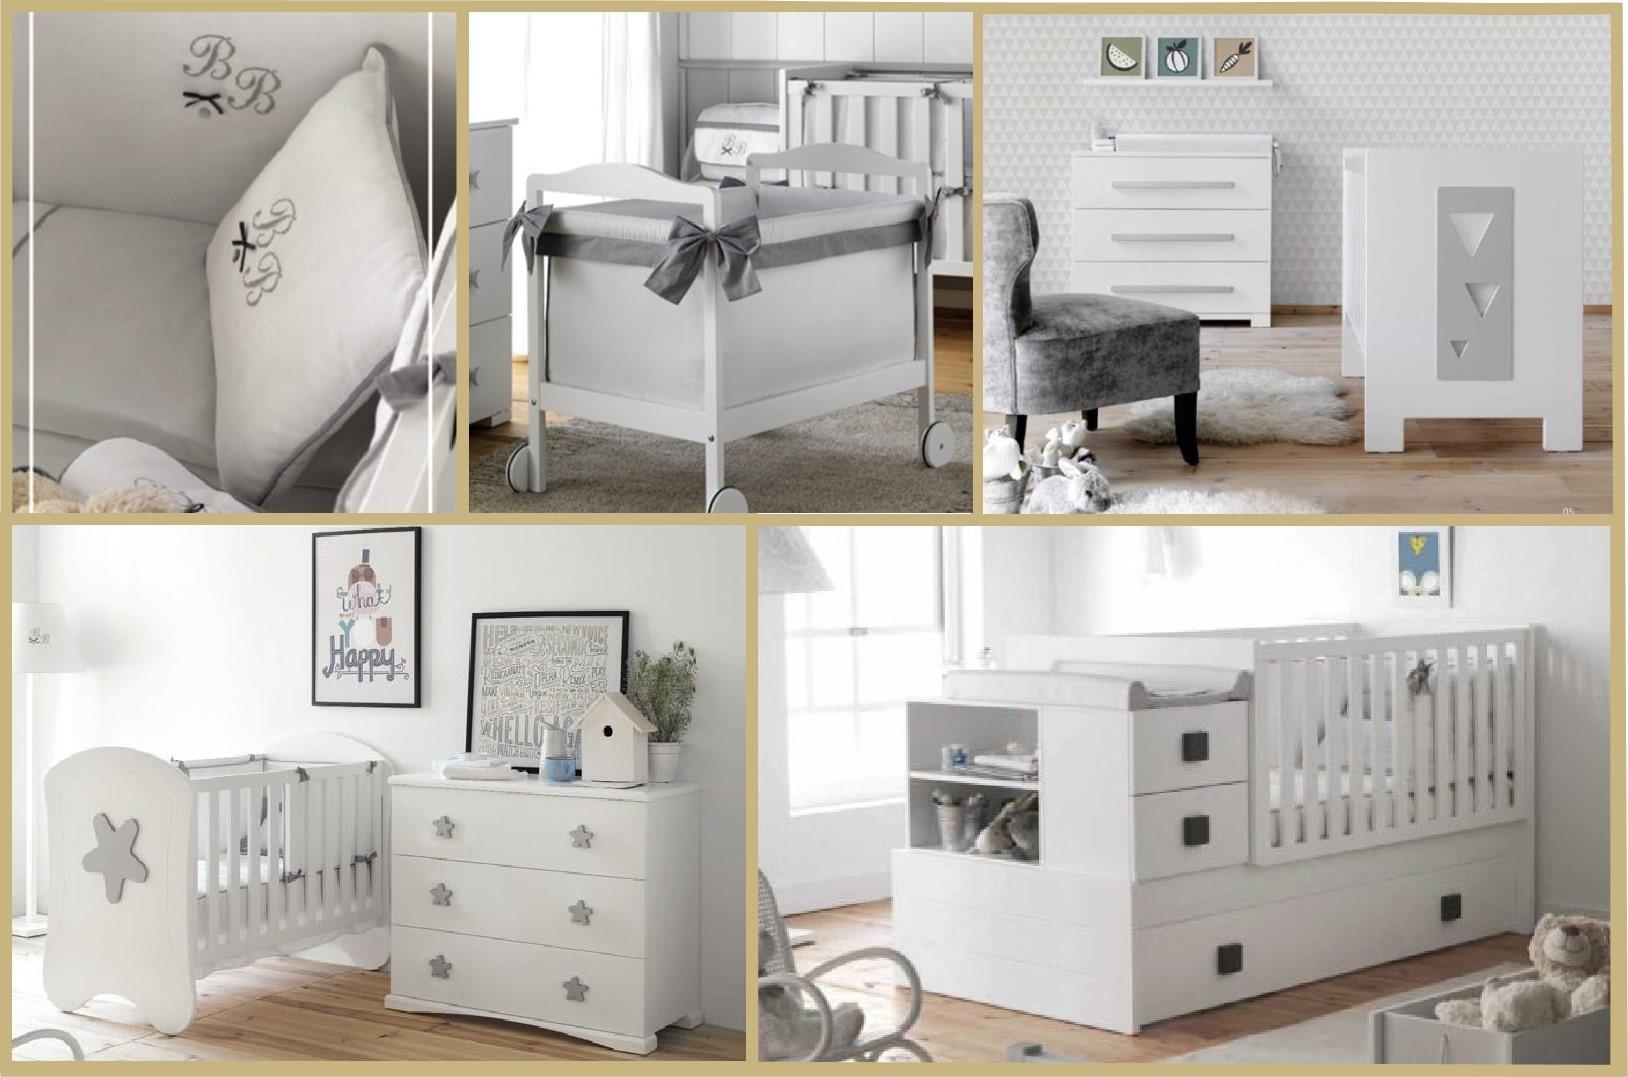 La casita de tus sue os mobiliario infantil en fimi fimi - La casita de los suenos ...